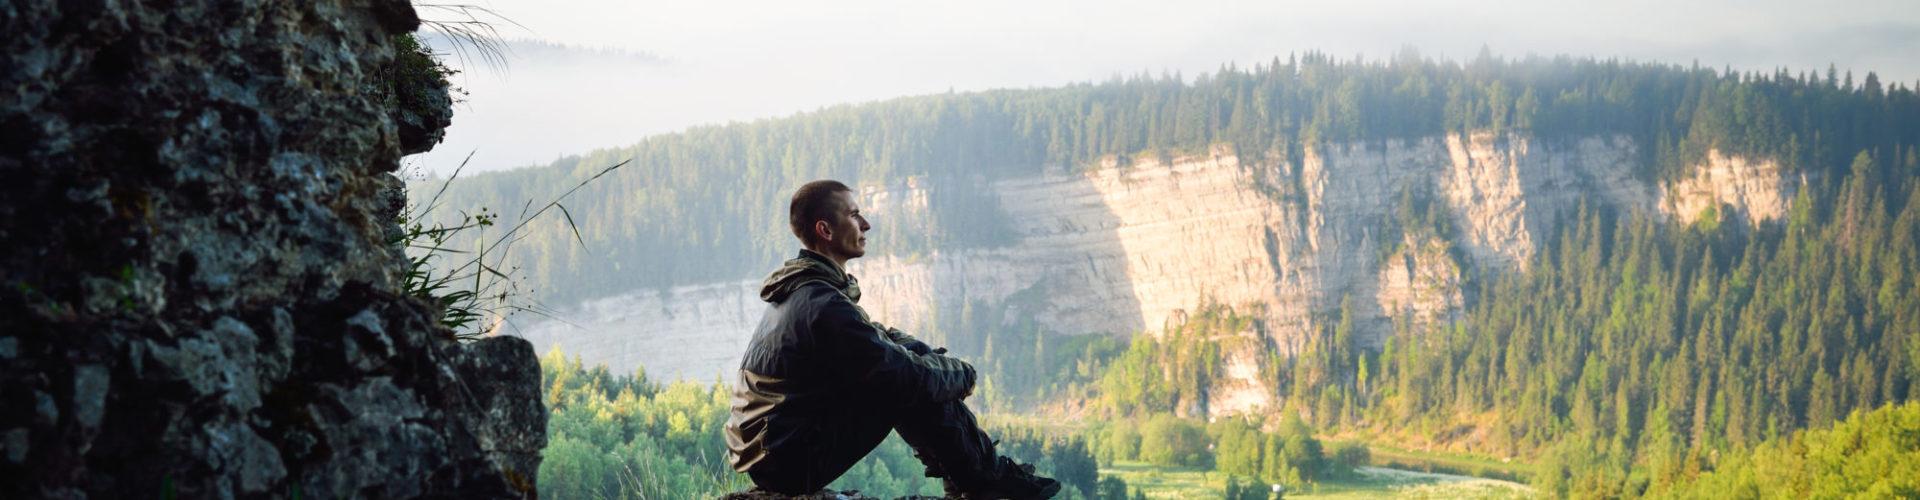 mindfulness, limber mind similar attitude to exercising body